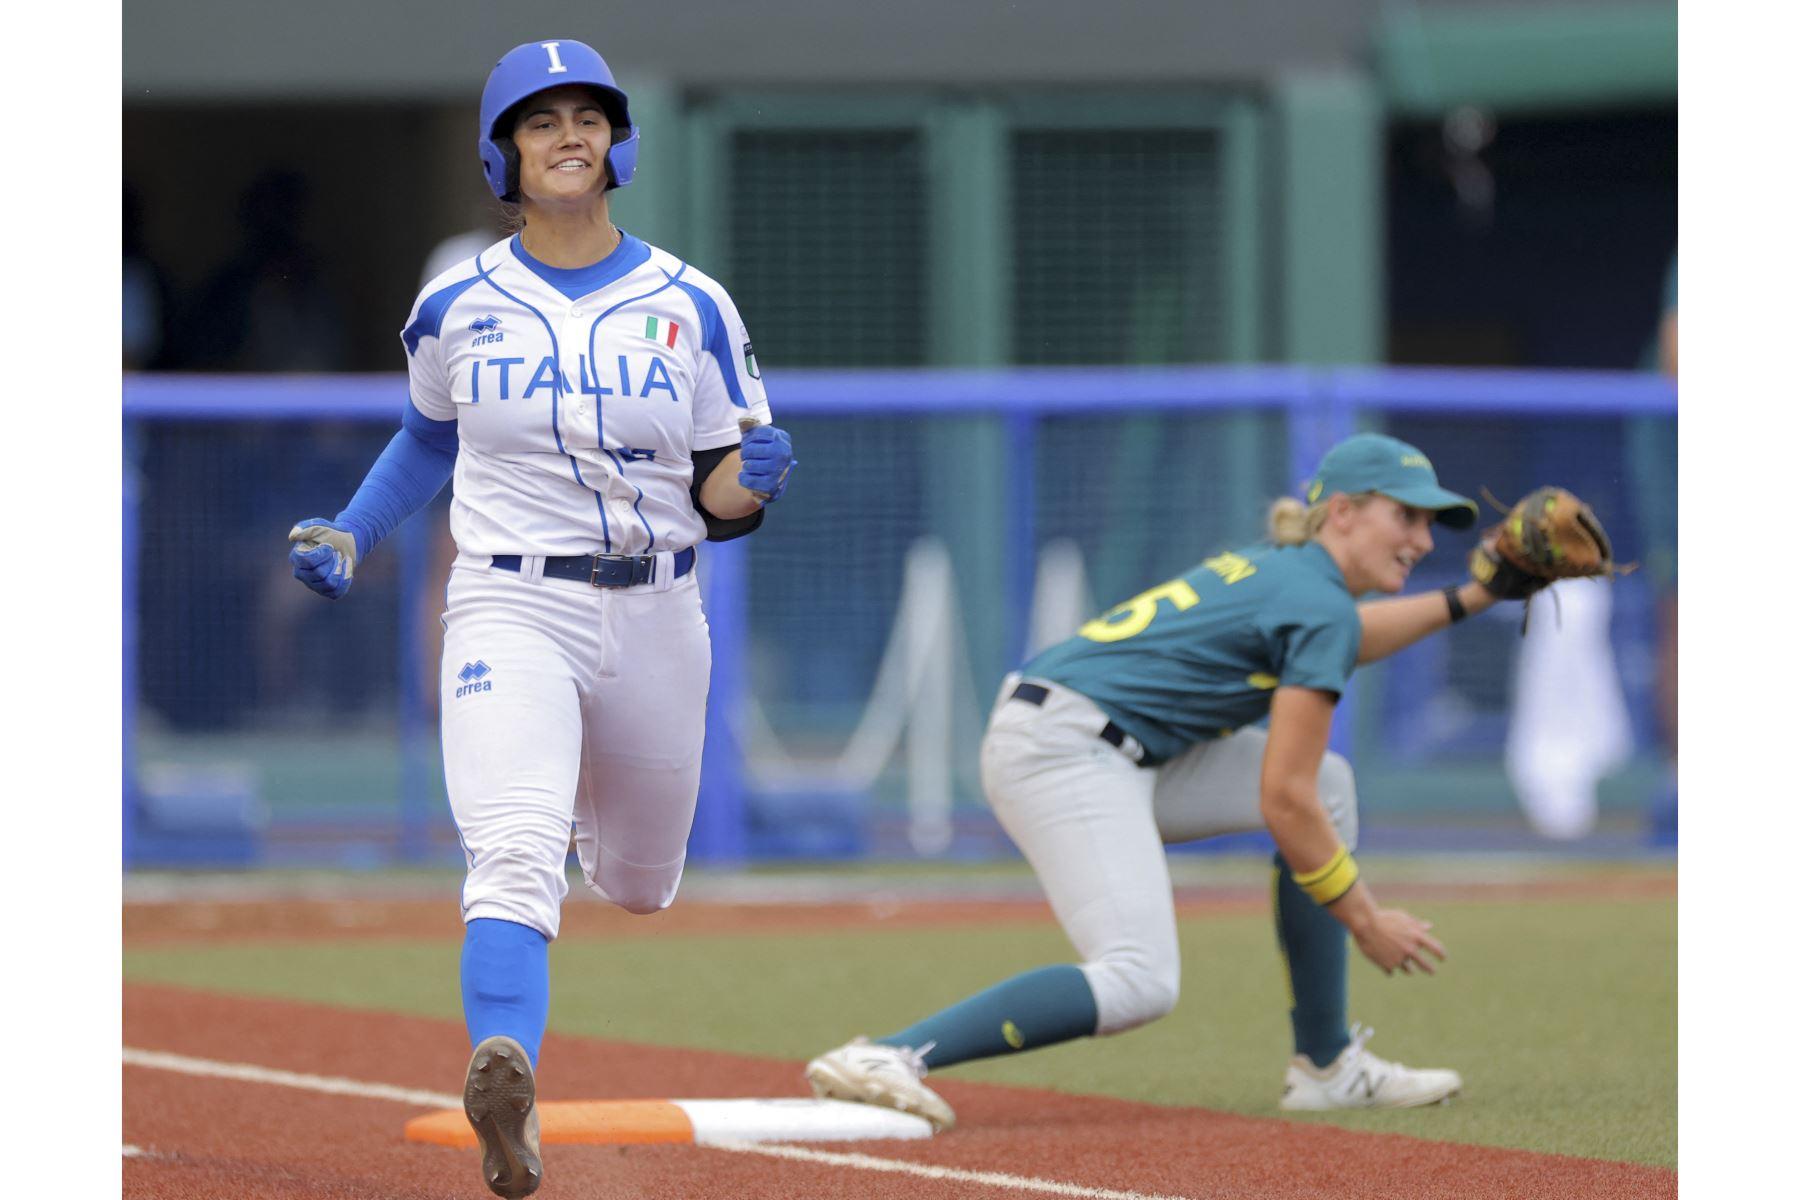 La italiana Giulia Koutsoyanopulos pasa por la primera base y da una sesión durante la sexta entrada de la ronda inaugural de softbol de los Juegos Olímpicos de Tokio 2020, en el estadio de fútbol Fukushima Azuma, Japón. Foto: AFP